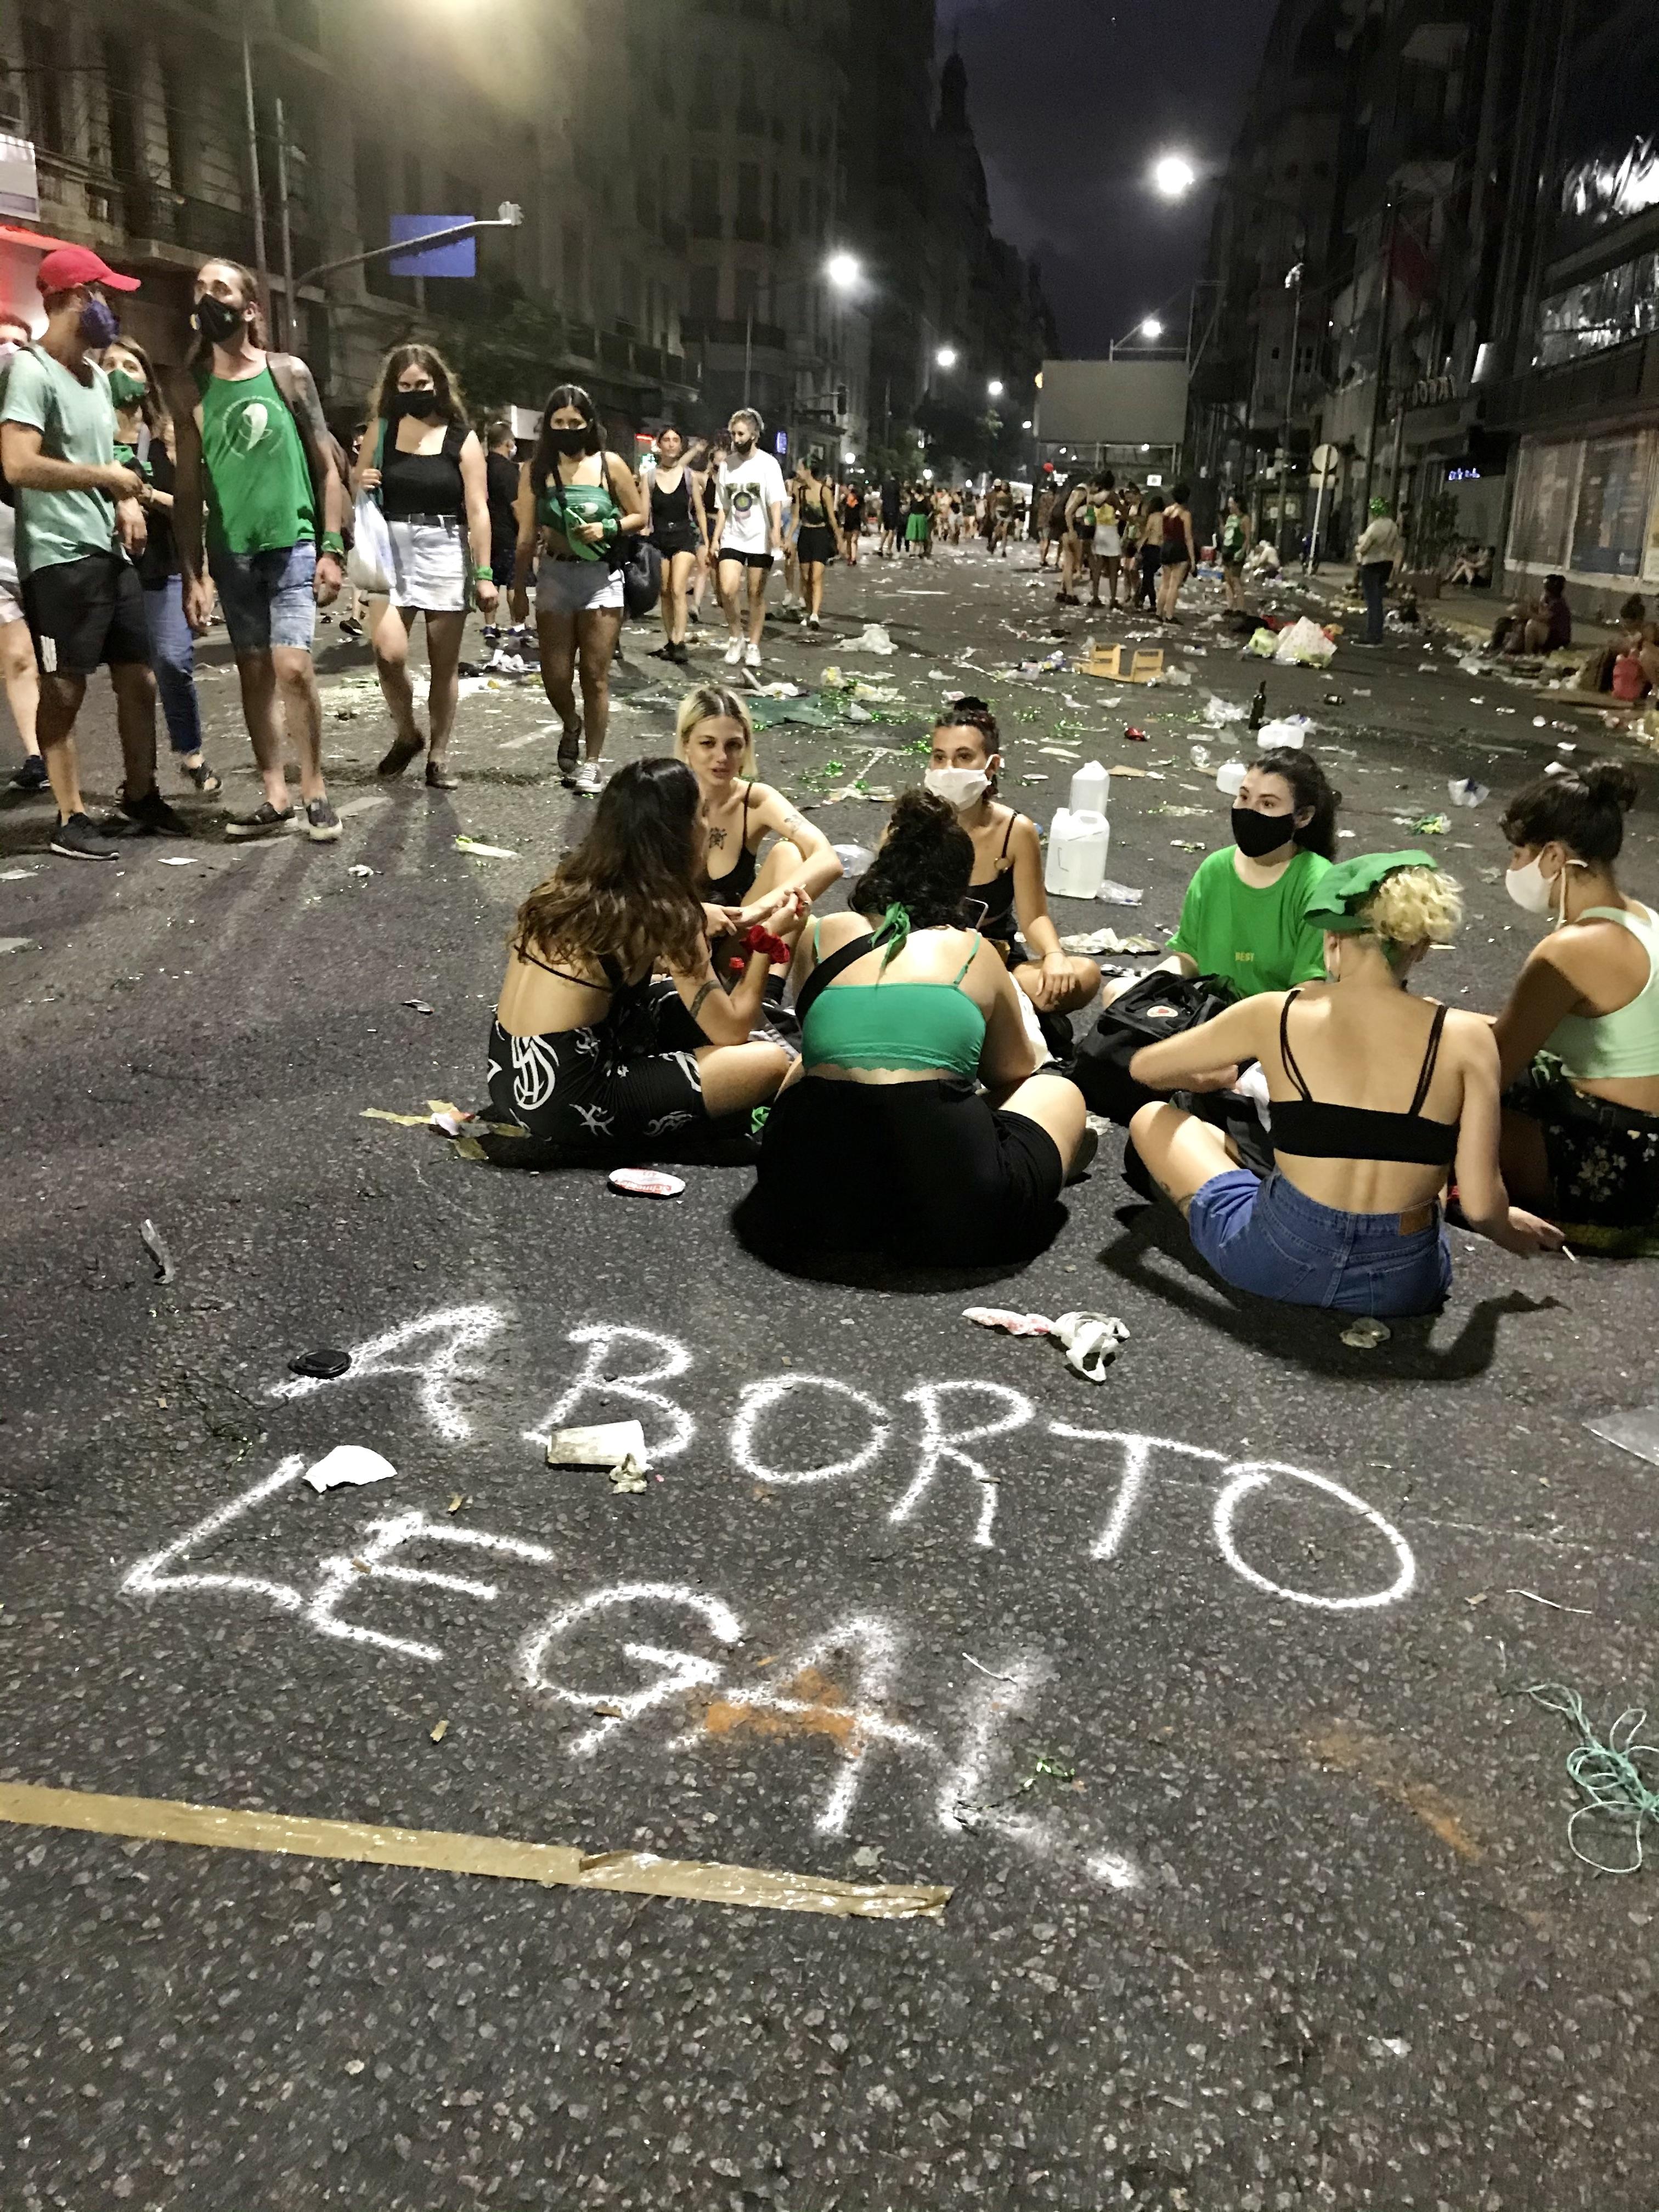 Aborträttsförespråkare vilandes på marken. Texten